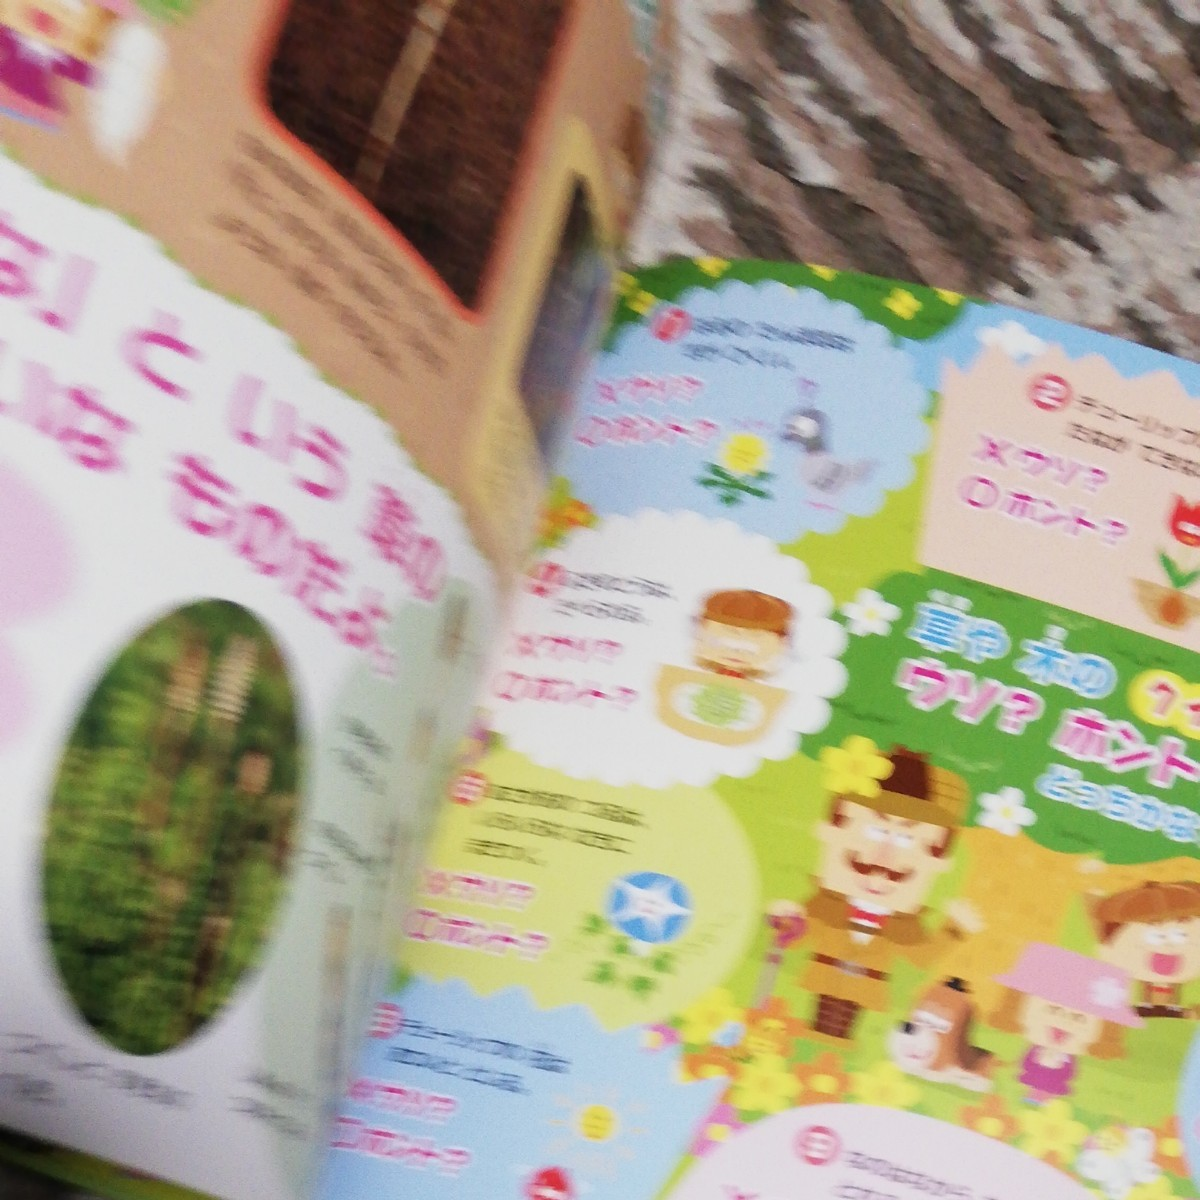 科学絵本したきりすずめ おはなし絵本物語 教育児童書知育玩具知育本知育絵本日本昔話童話幼児育児本読み聞かせ